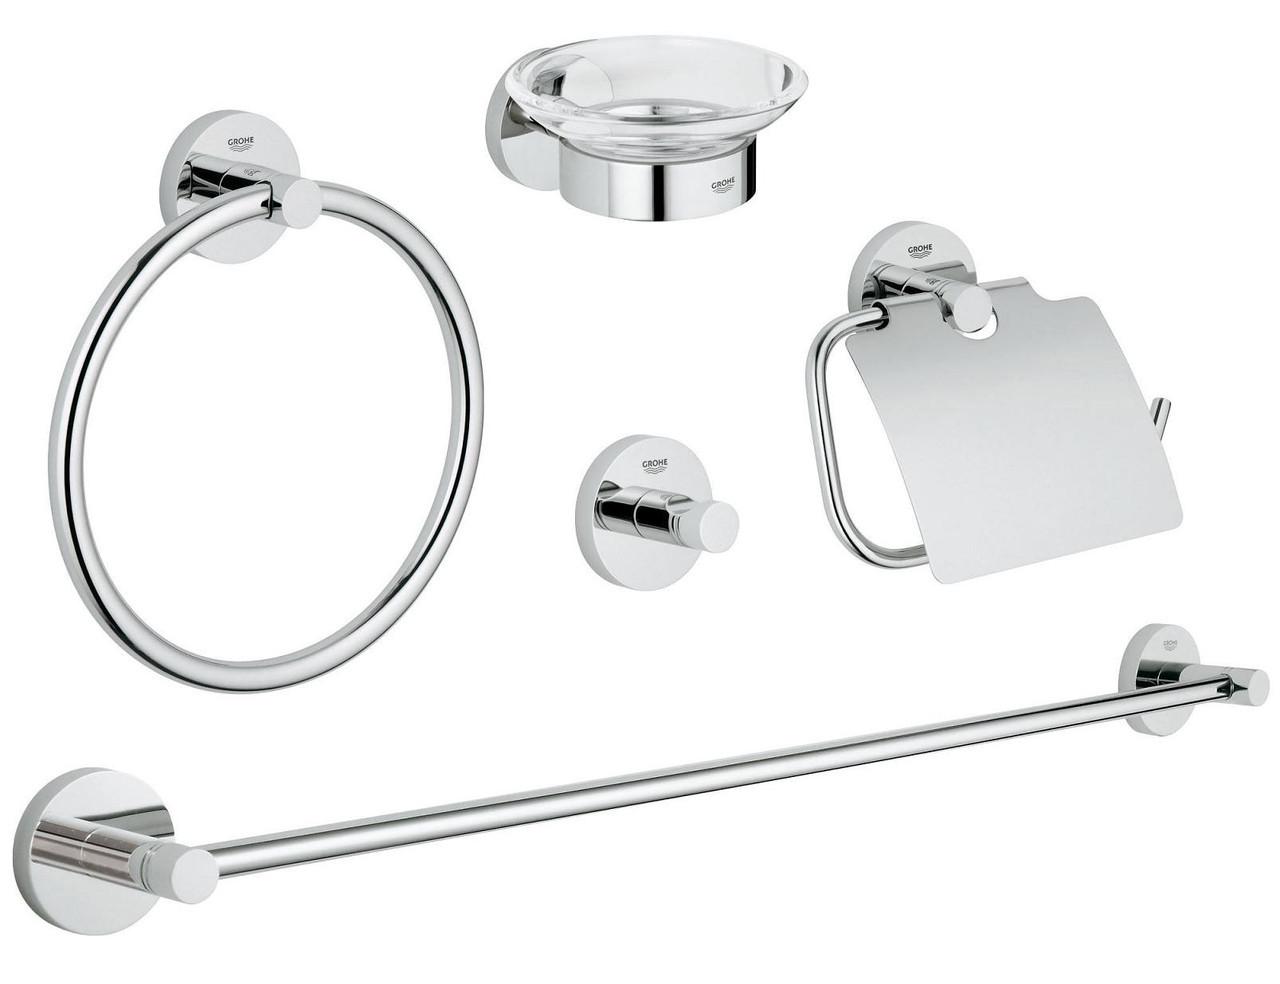 Essentials Набір аксесуарів для ванної кімнати, колір хром